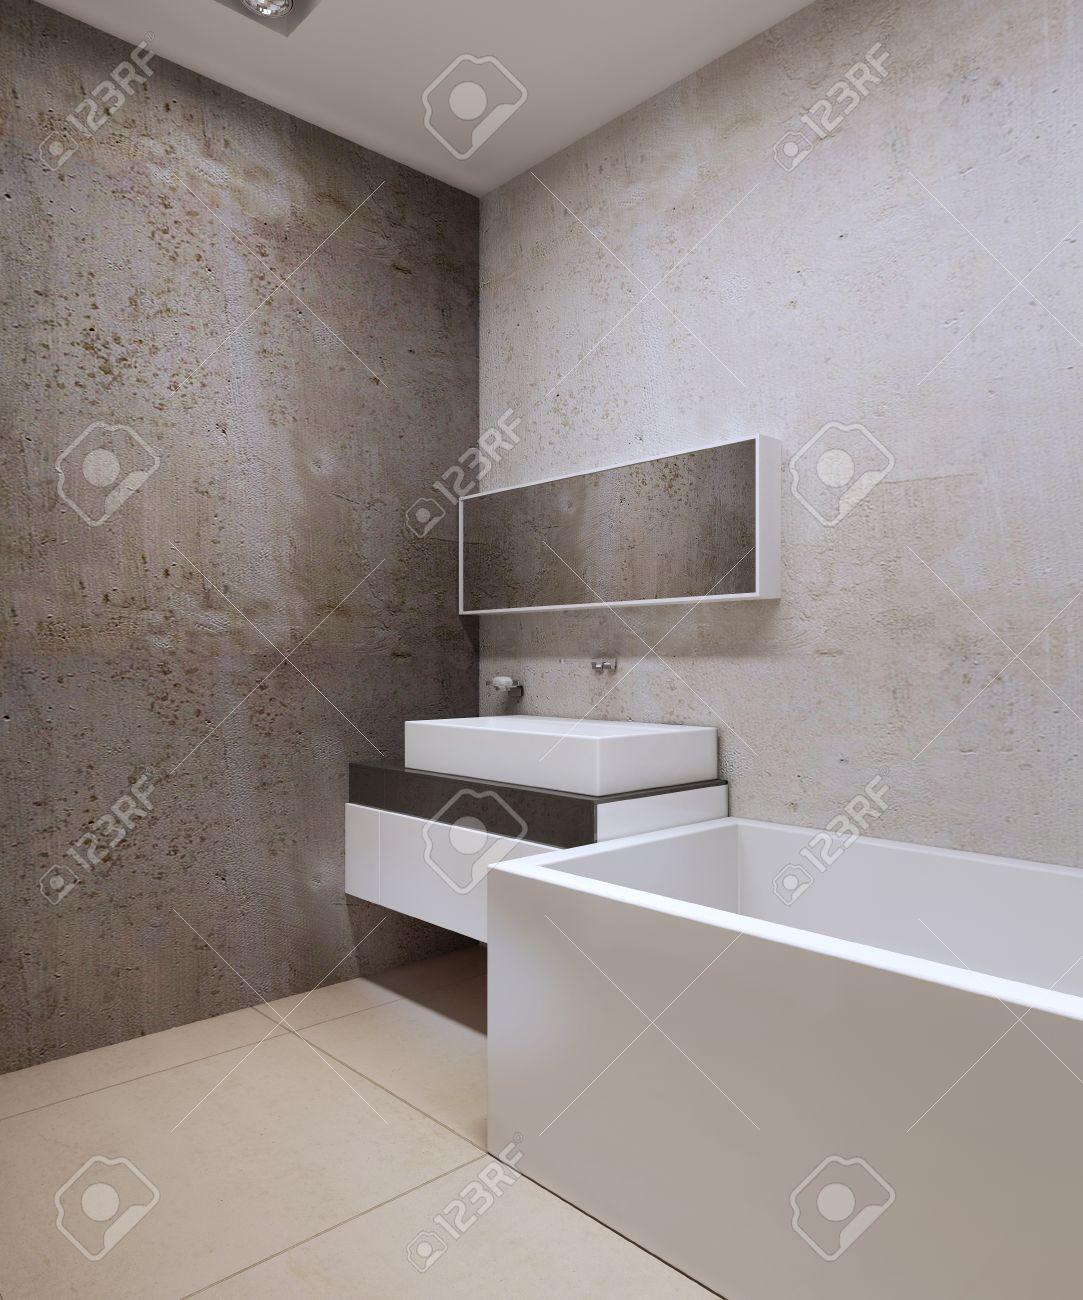 marmor kuche mit beton wand minimalistisch design, badezimmer techno-stil. dekorative beton strukturierte wände, Design ideen